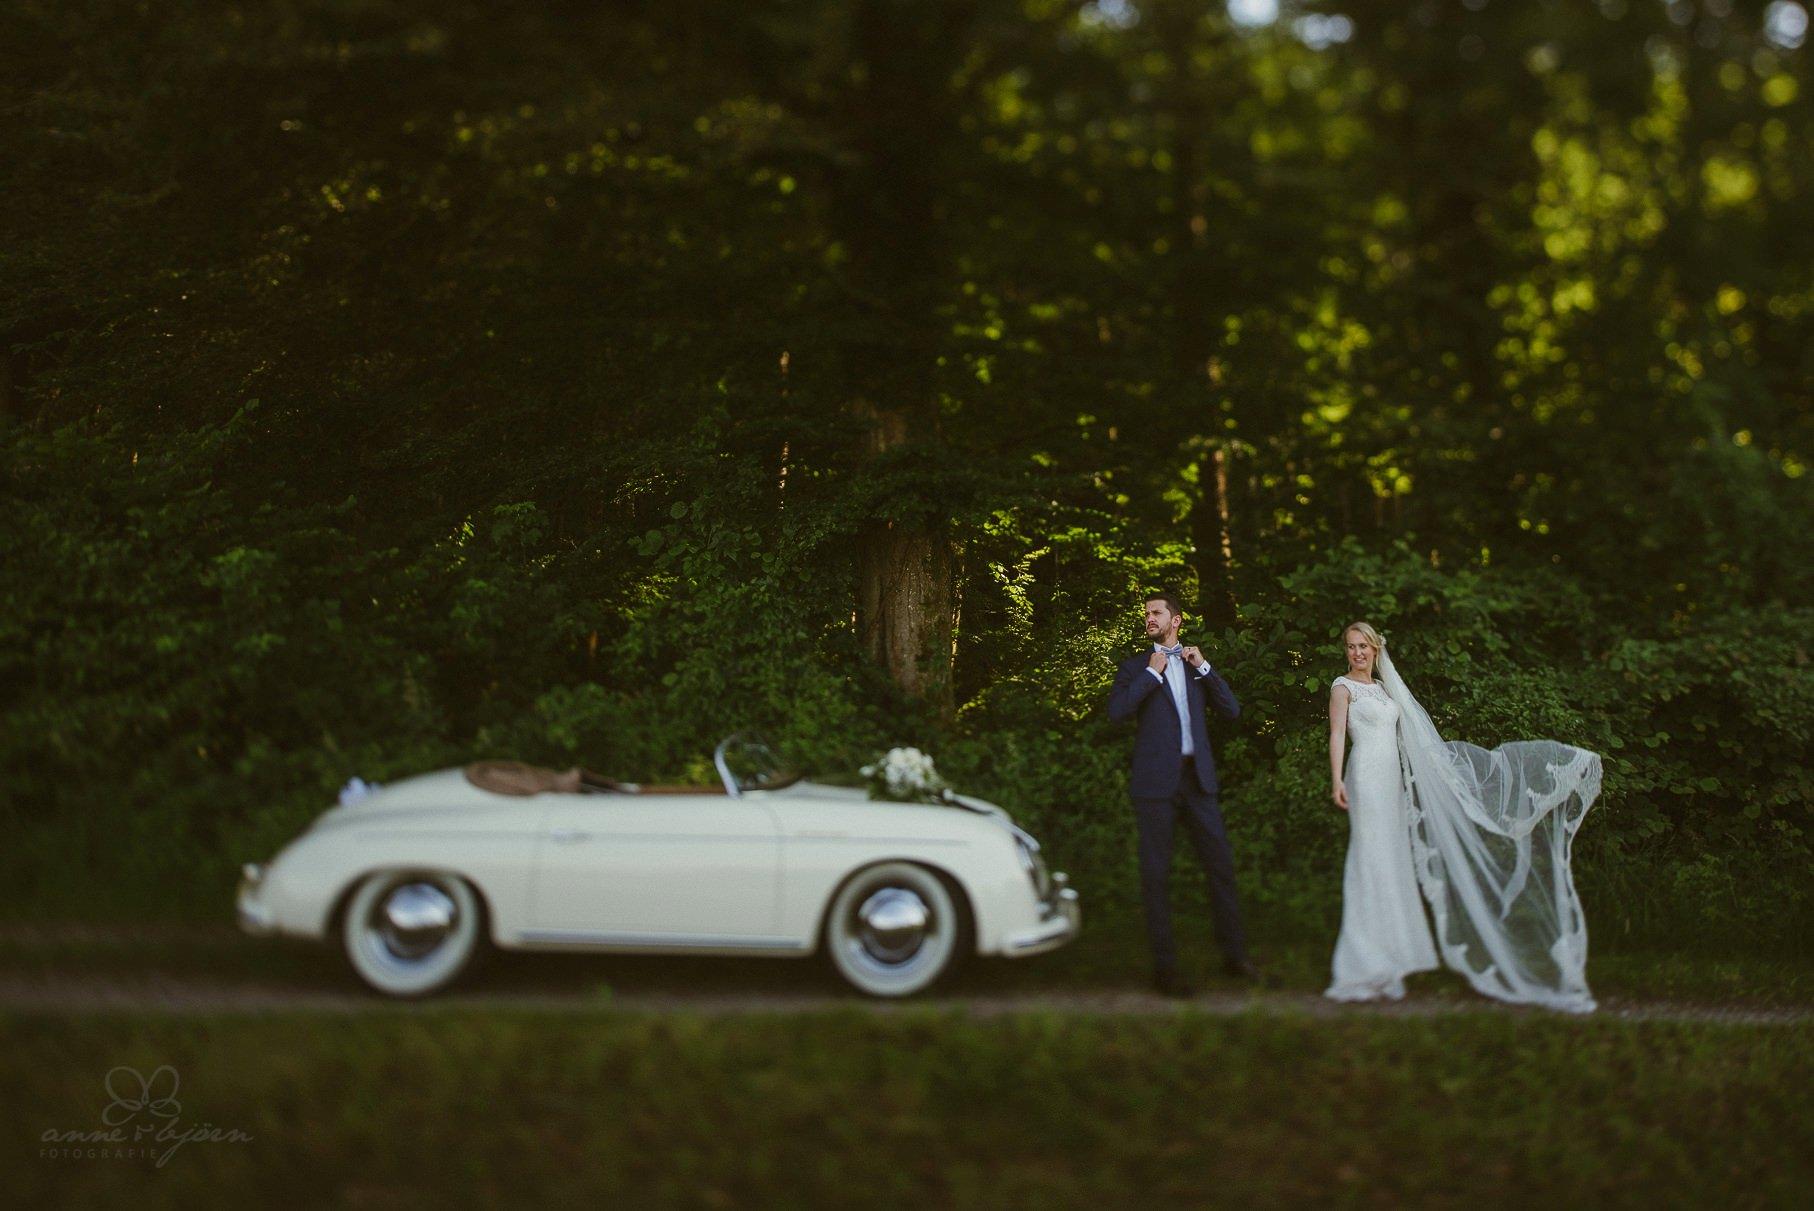 0097 anne und bjoern hochzeit schweiz d75 1426 - DIY Hochzeit in der Schweiz - Sabrina & Christoph